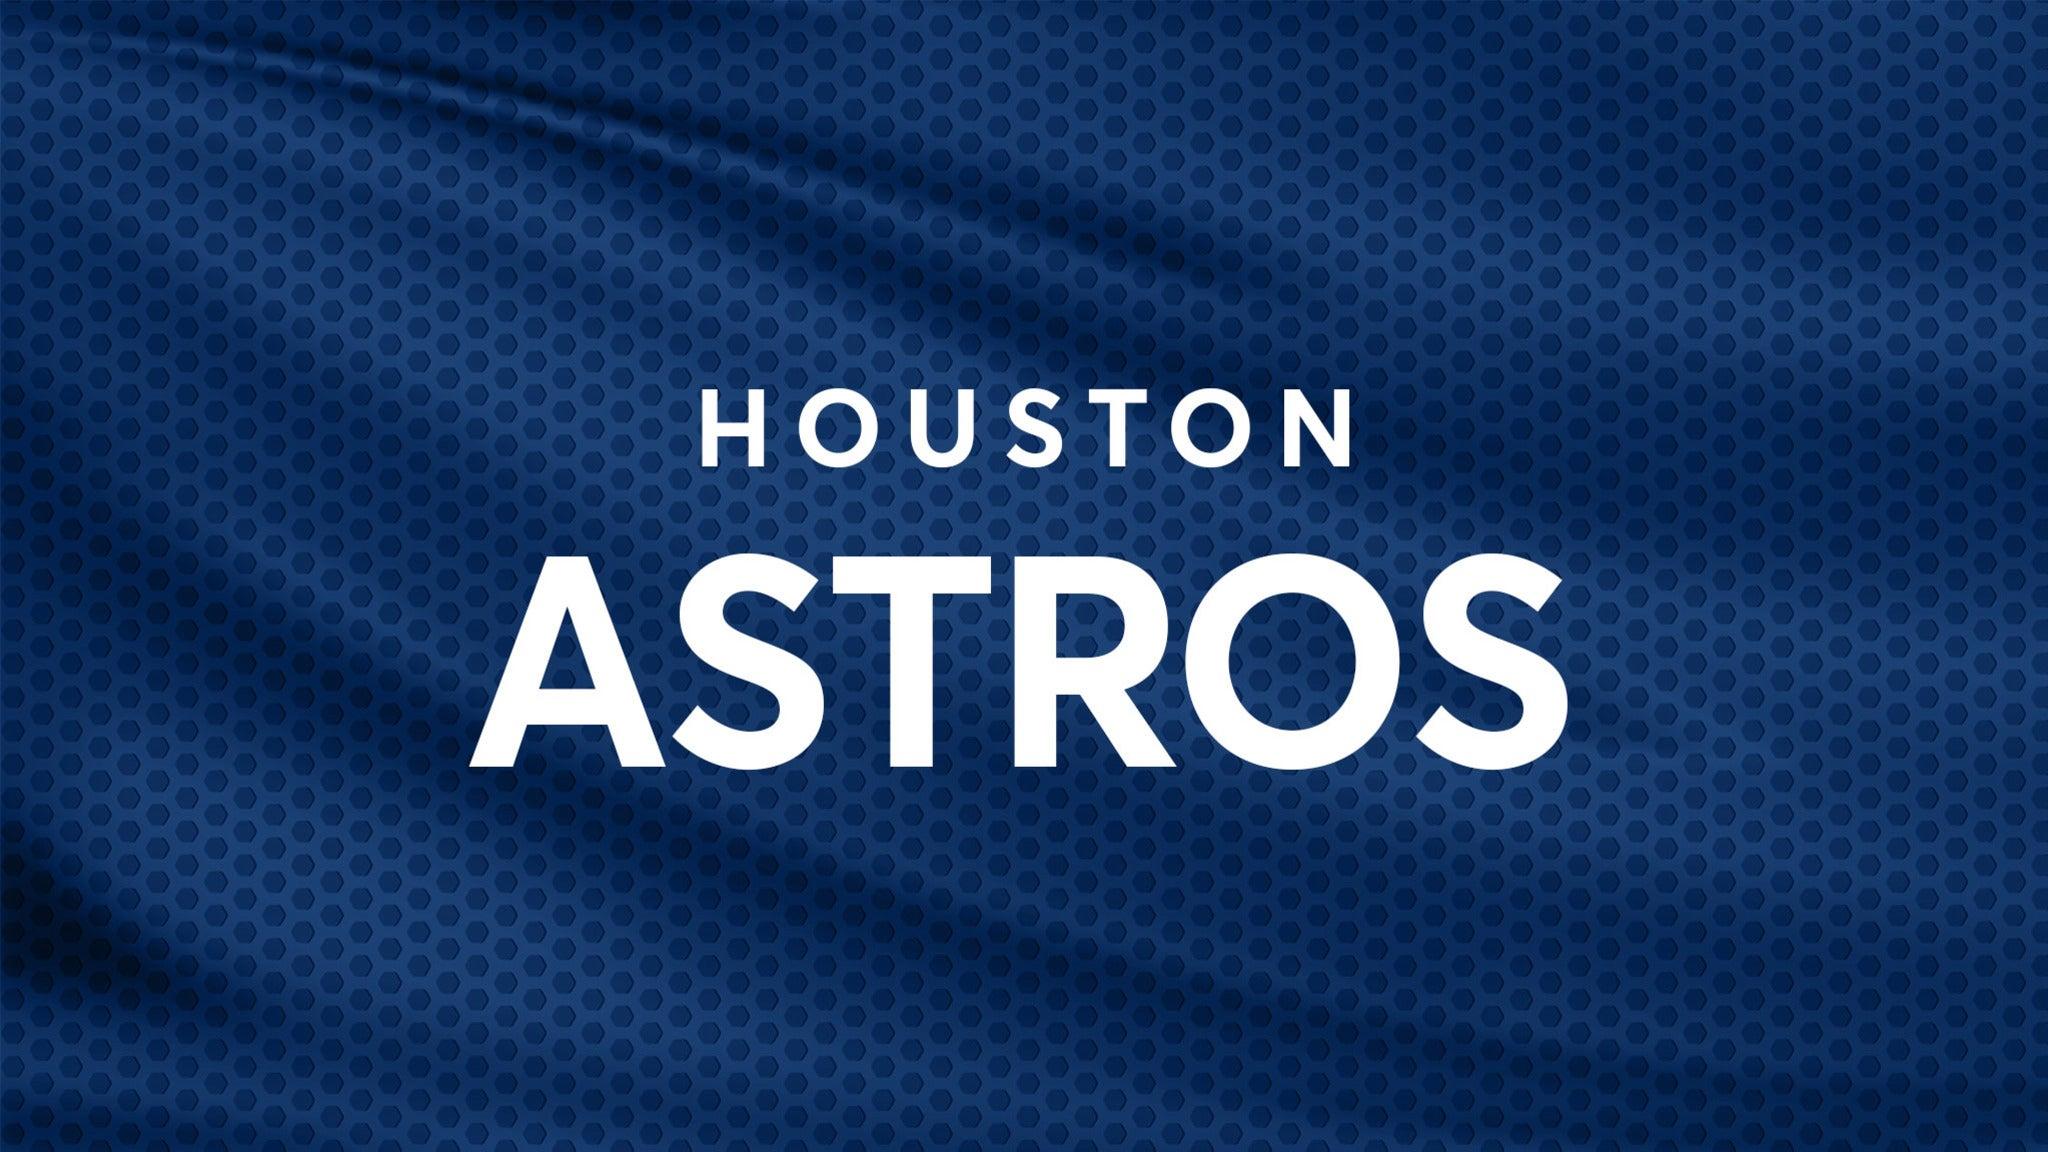 Houston Astros vs. St. Louis Cardinals